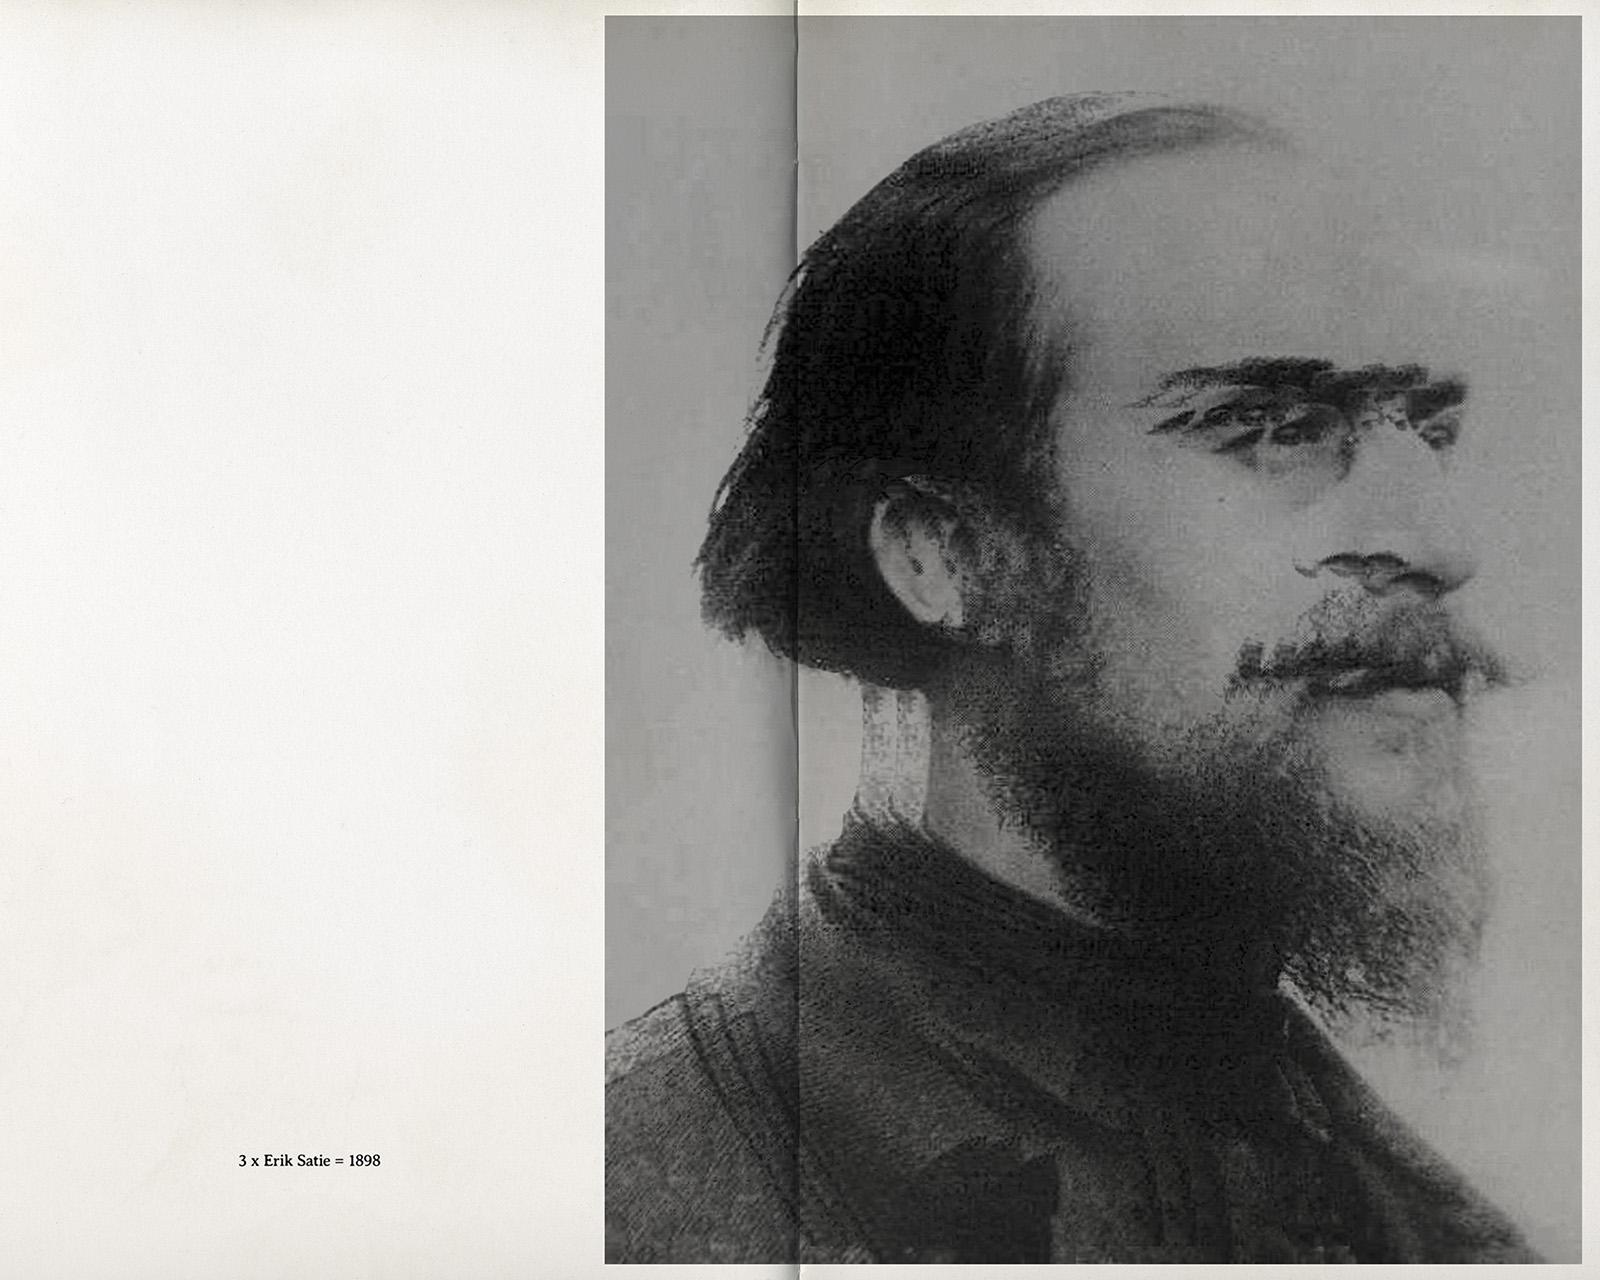 3xErikSatie_1898-web